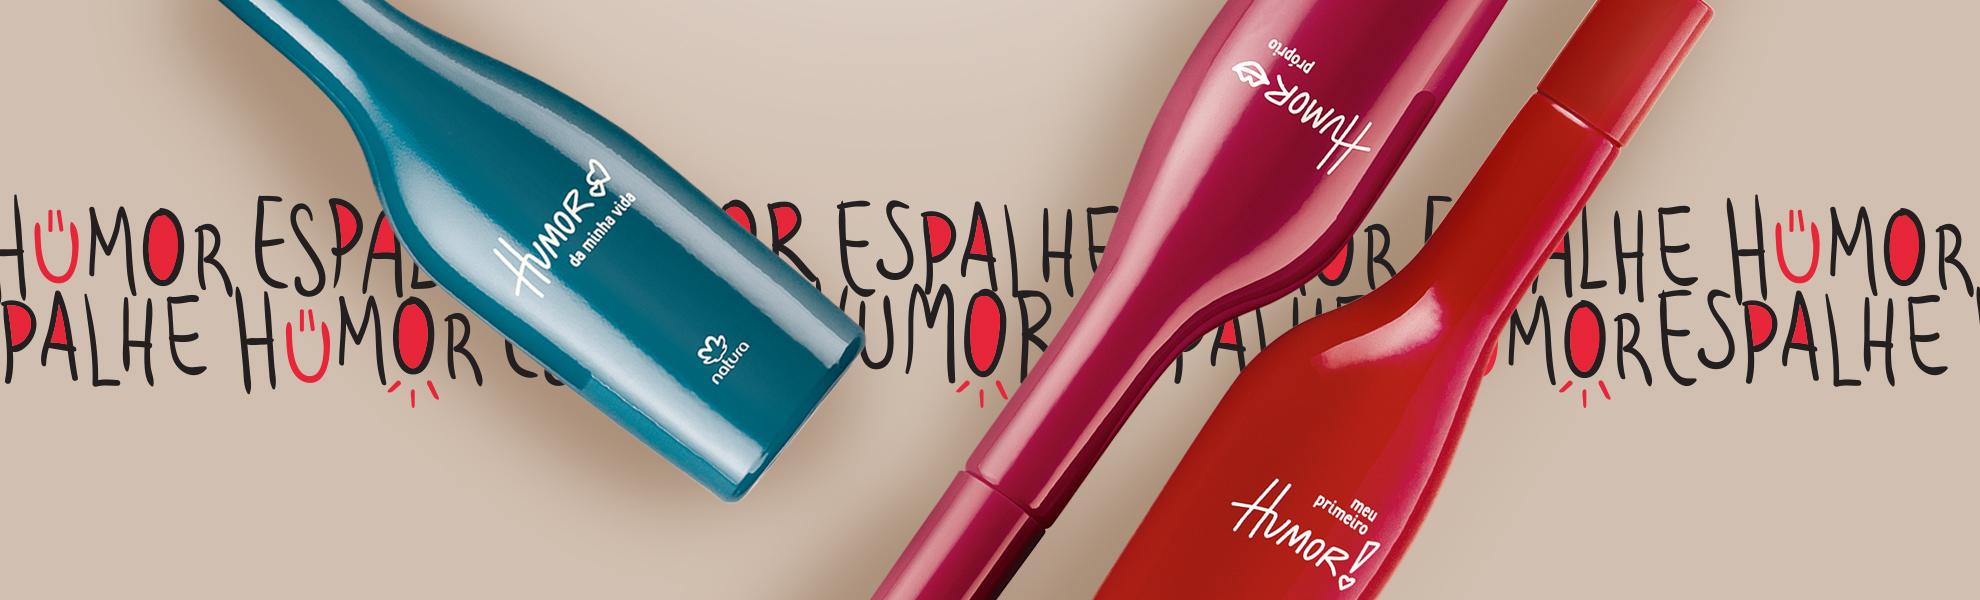 chelles-e-hayashi-design-portfolio-natura-humor-miniaturas-femininas-grafico-embalagem